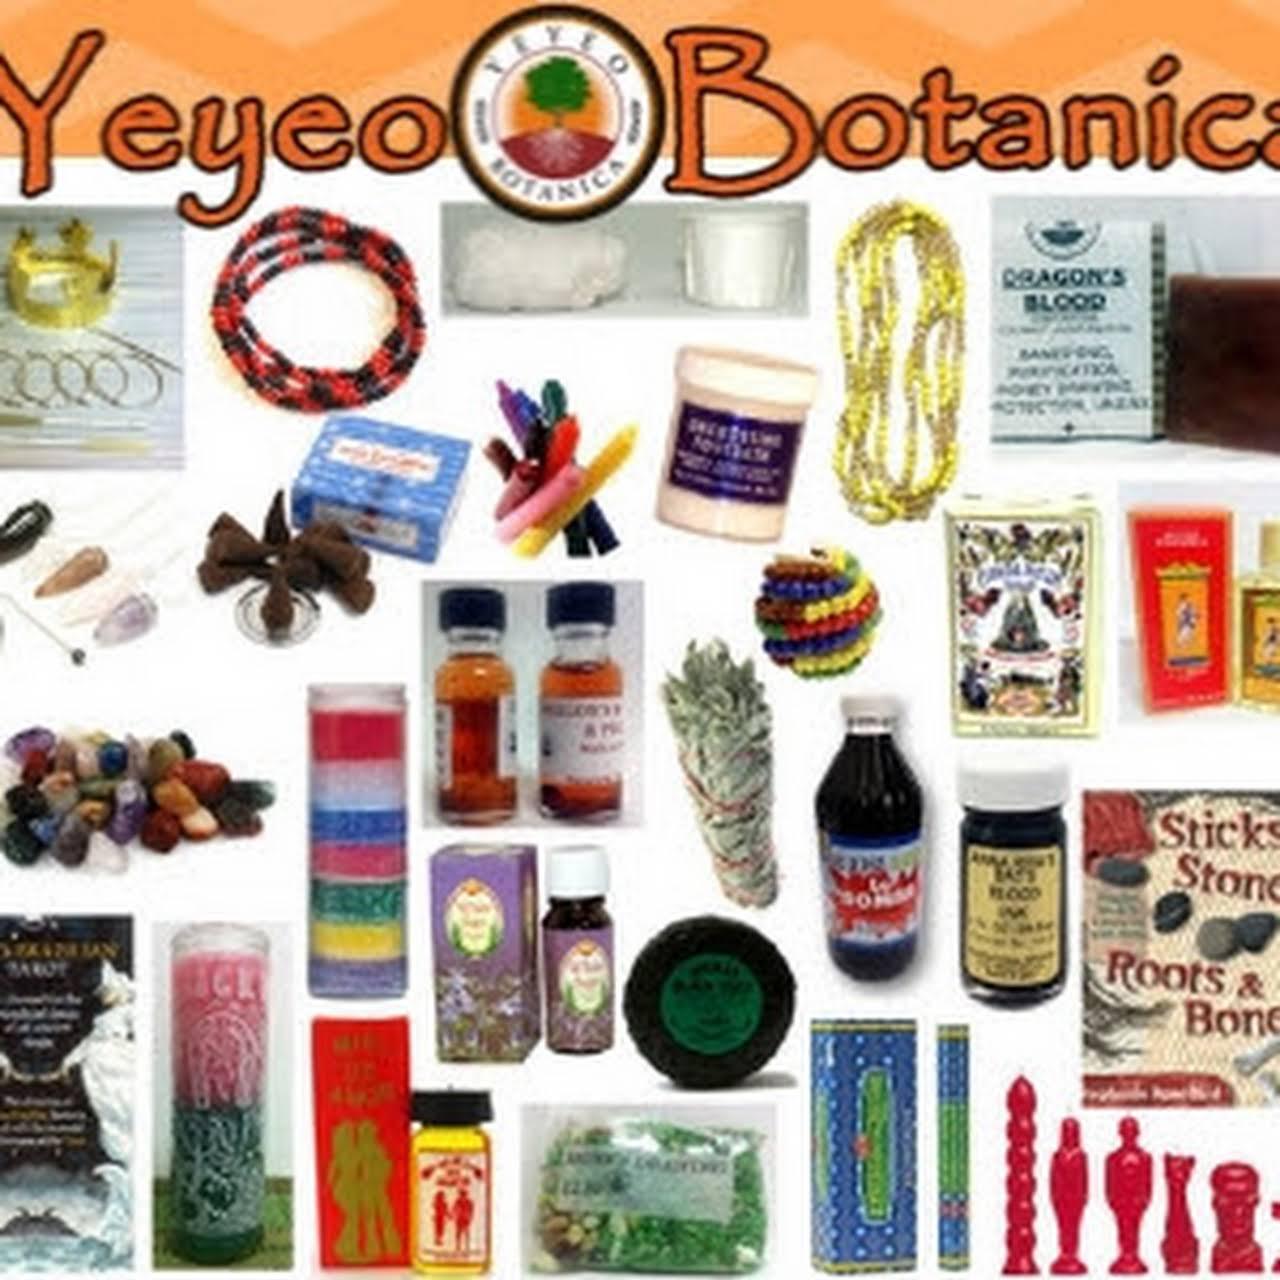 Yeyeo Botanica - Botanica and Spiritual Store NYC Area